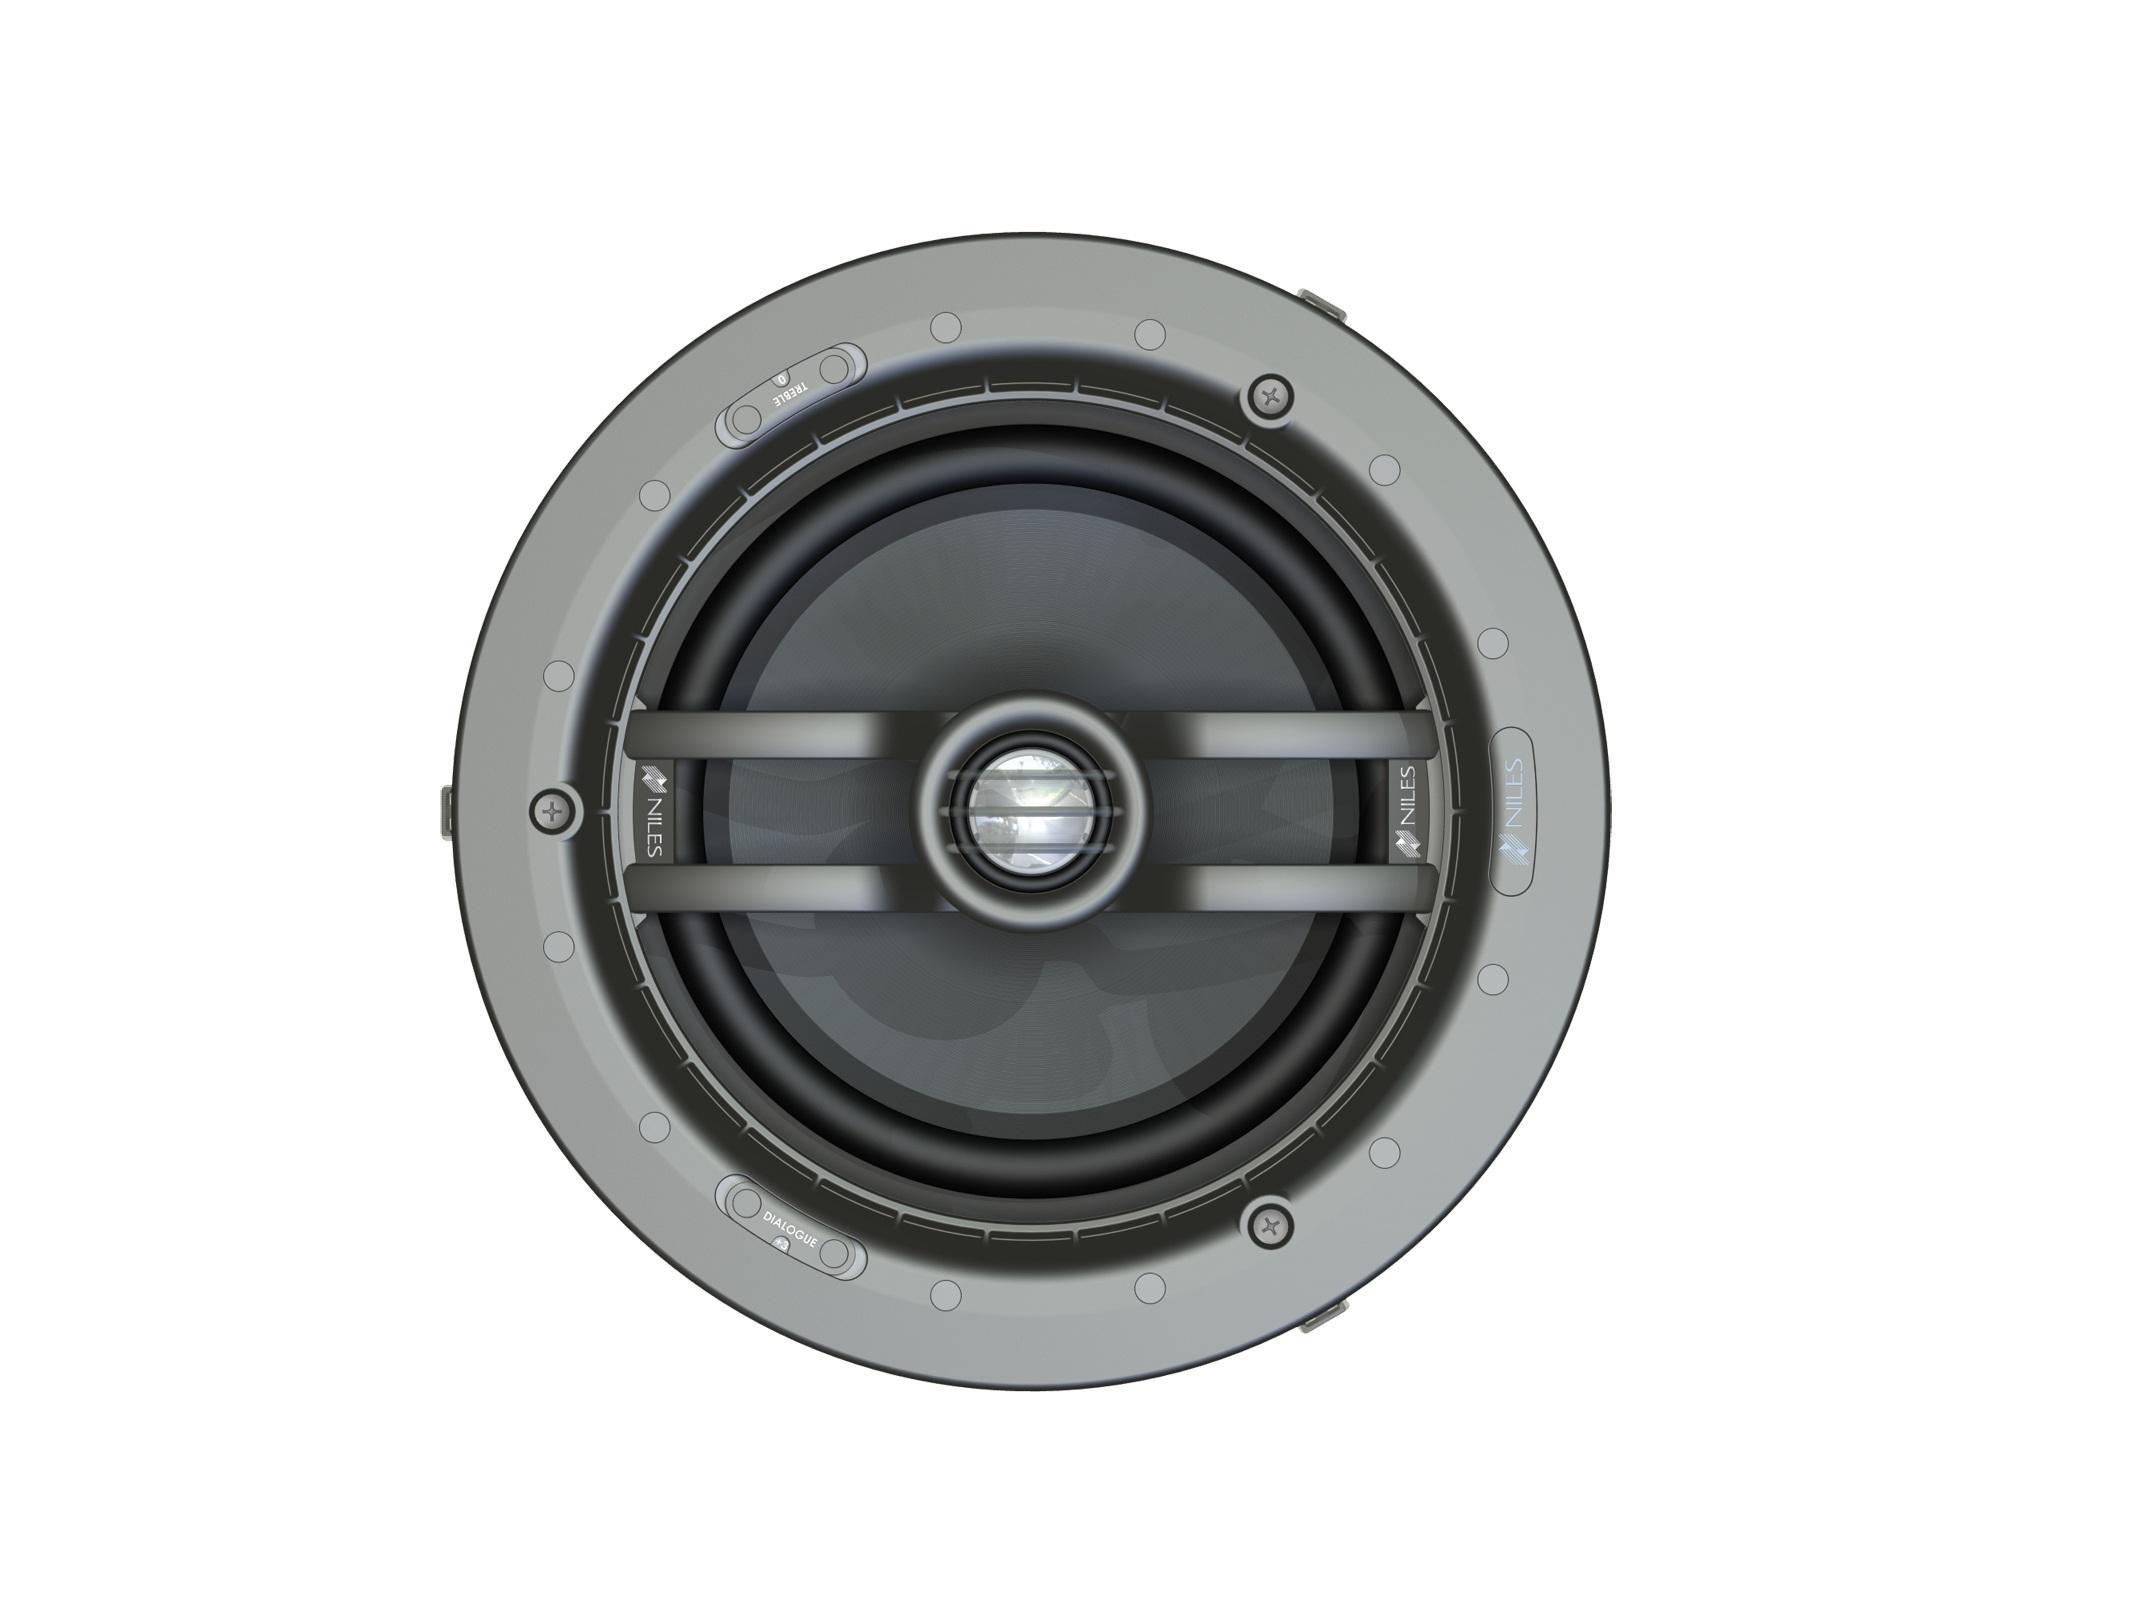 Niles CM8HD 8in 2-Way Ceiling-Mount Hi-Definition Loudspeaker w Pivoting Tweeter